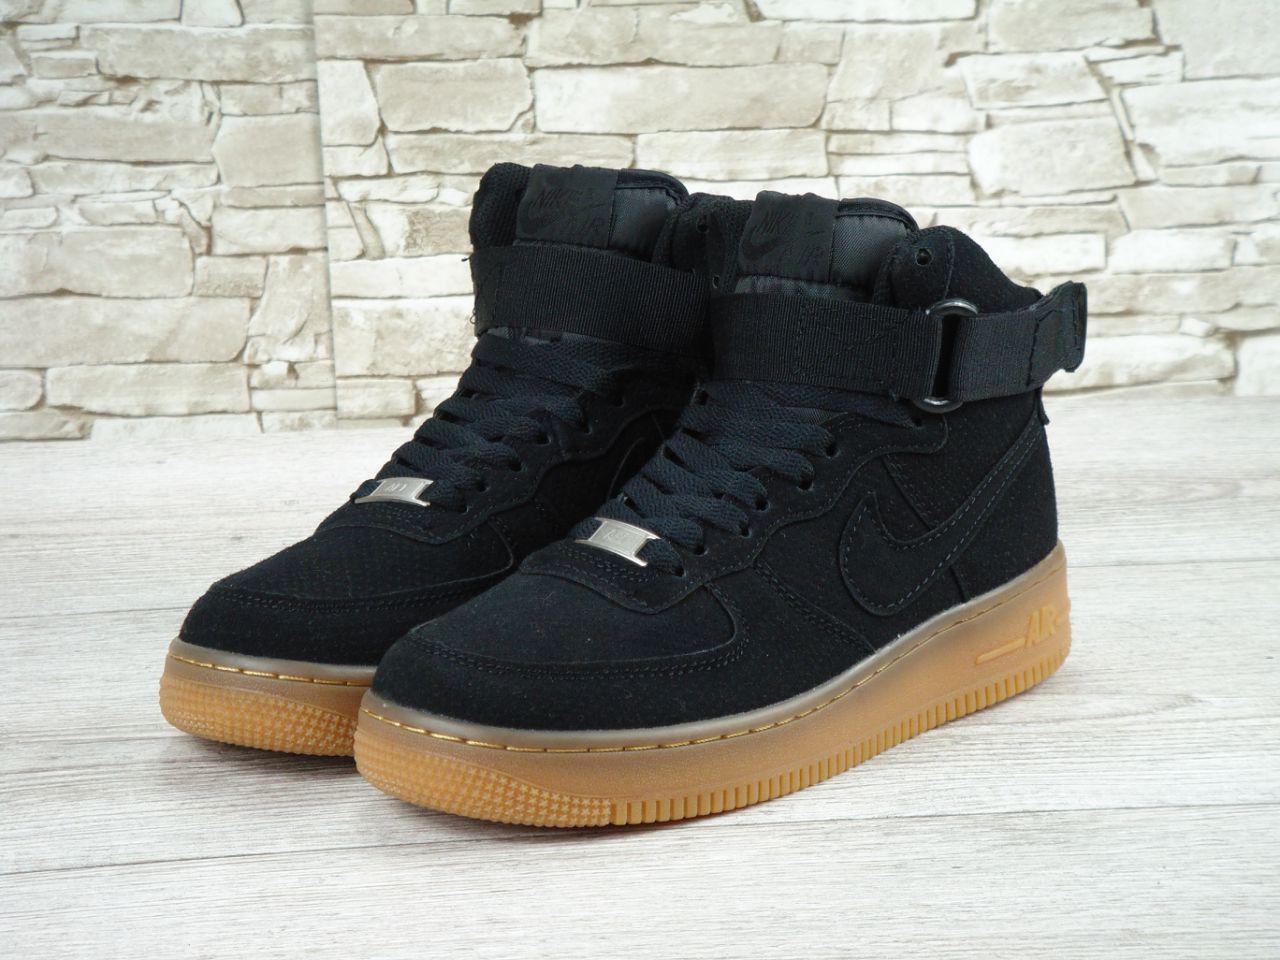 8a319354 Кроссовки Nike Air Force реплика ААА+ (натуральная замша) размер 44 черный